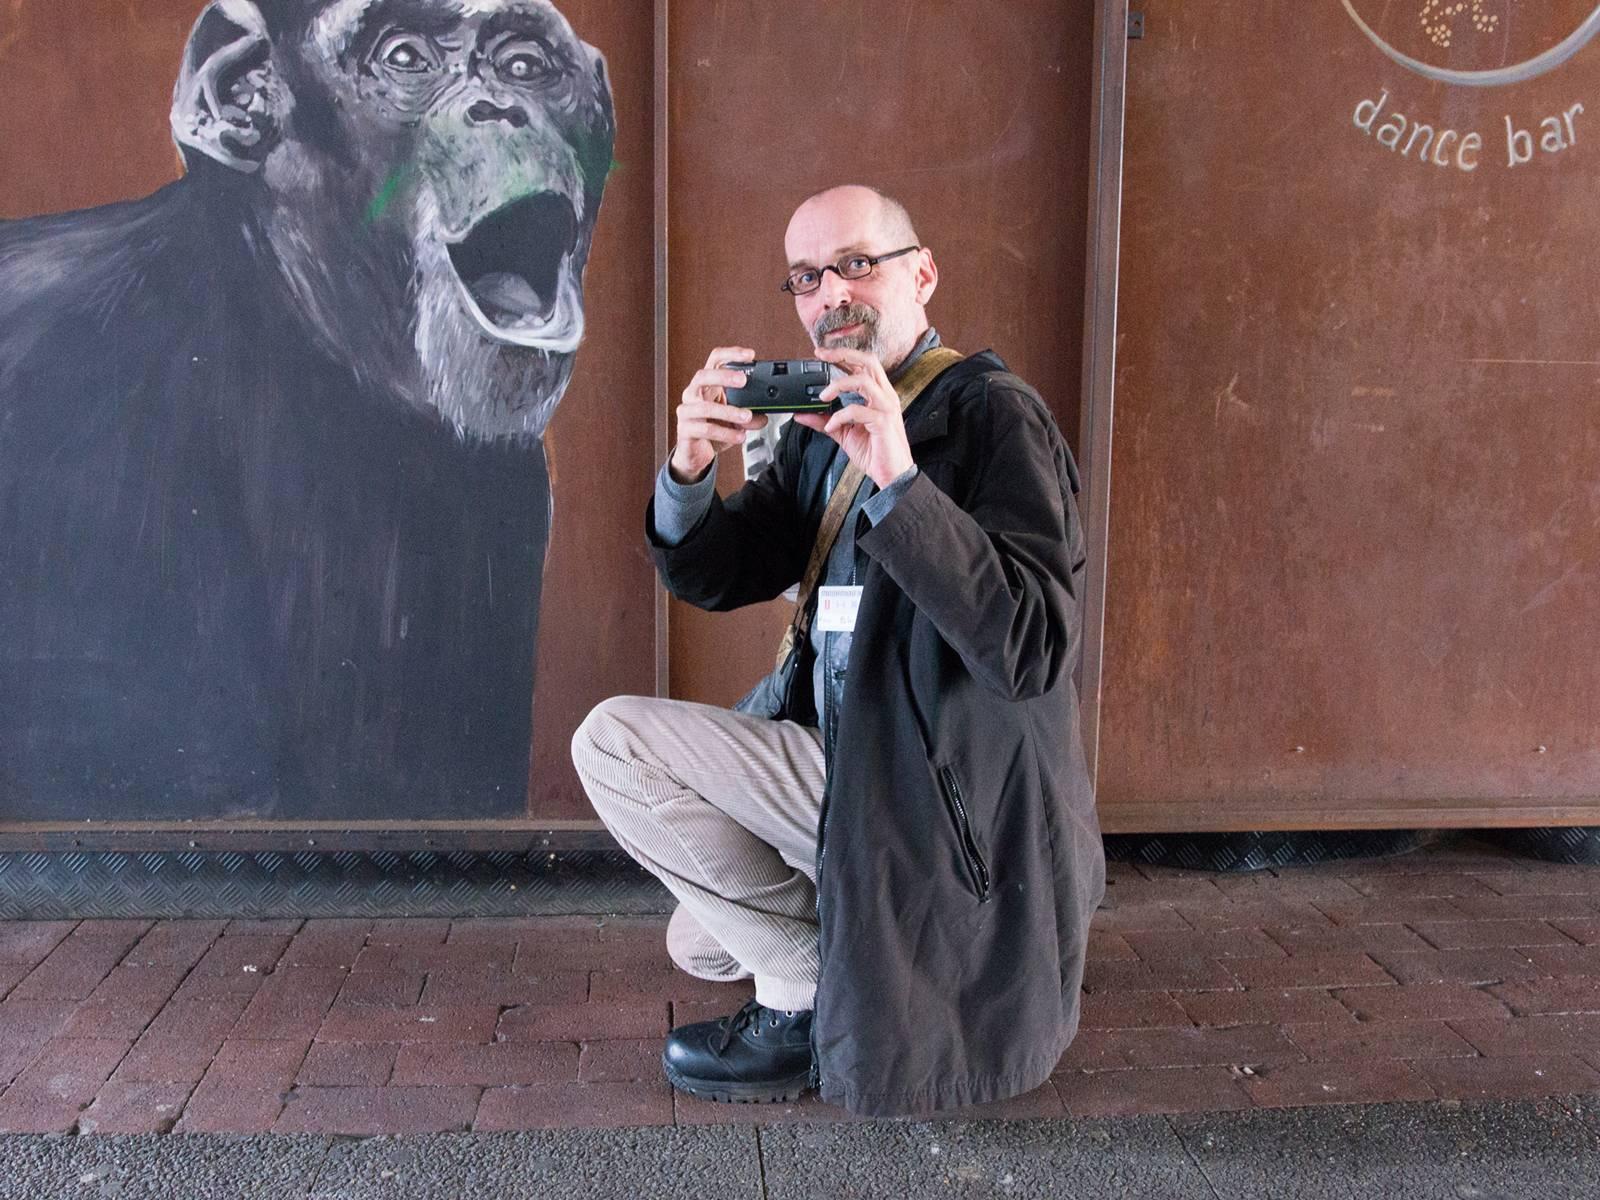 Ein Mann hält eine Fotokamera in der Hand und kniet vor einer Wandmalerei